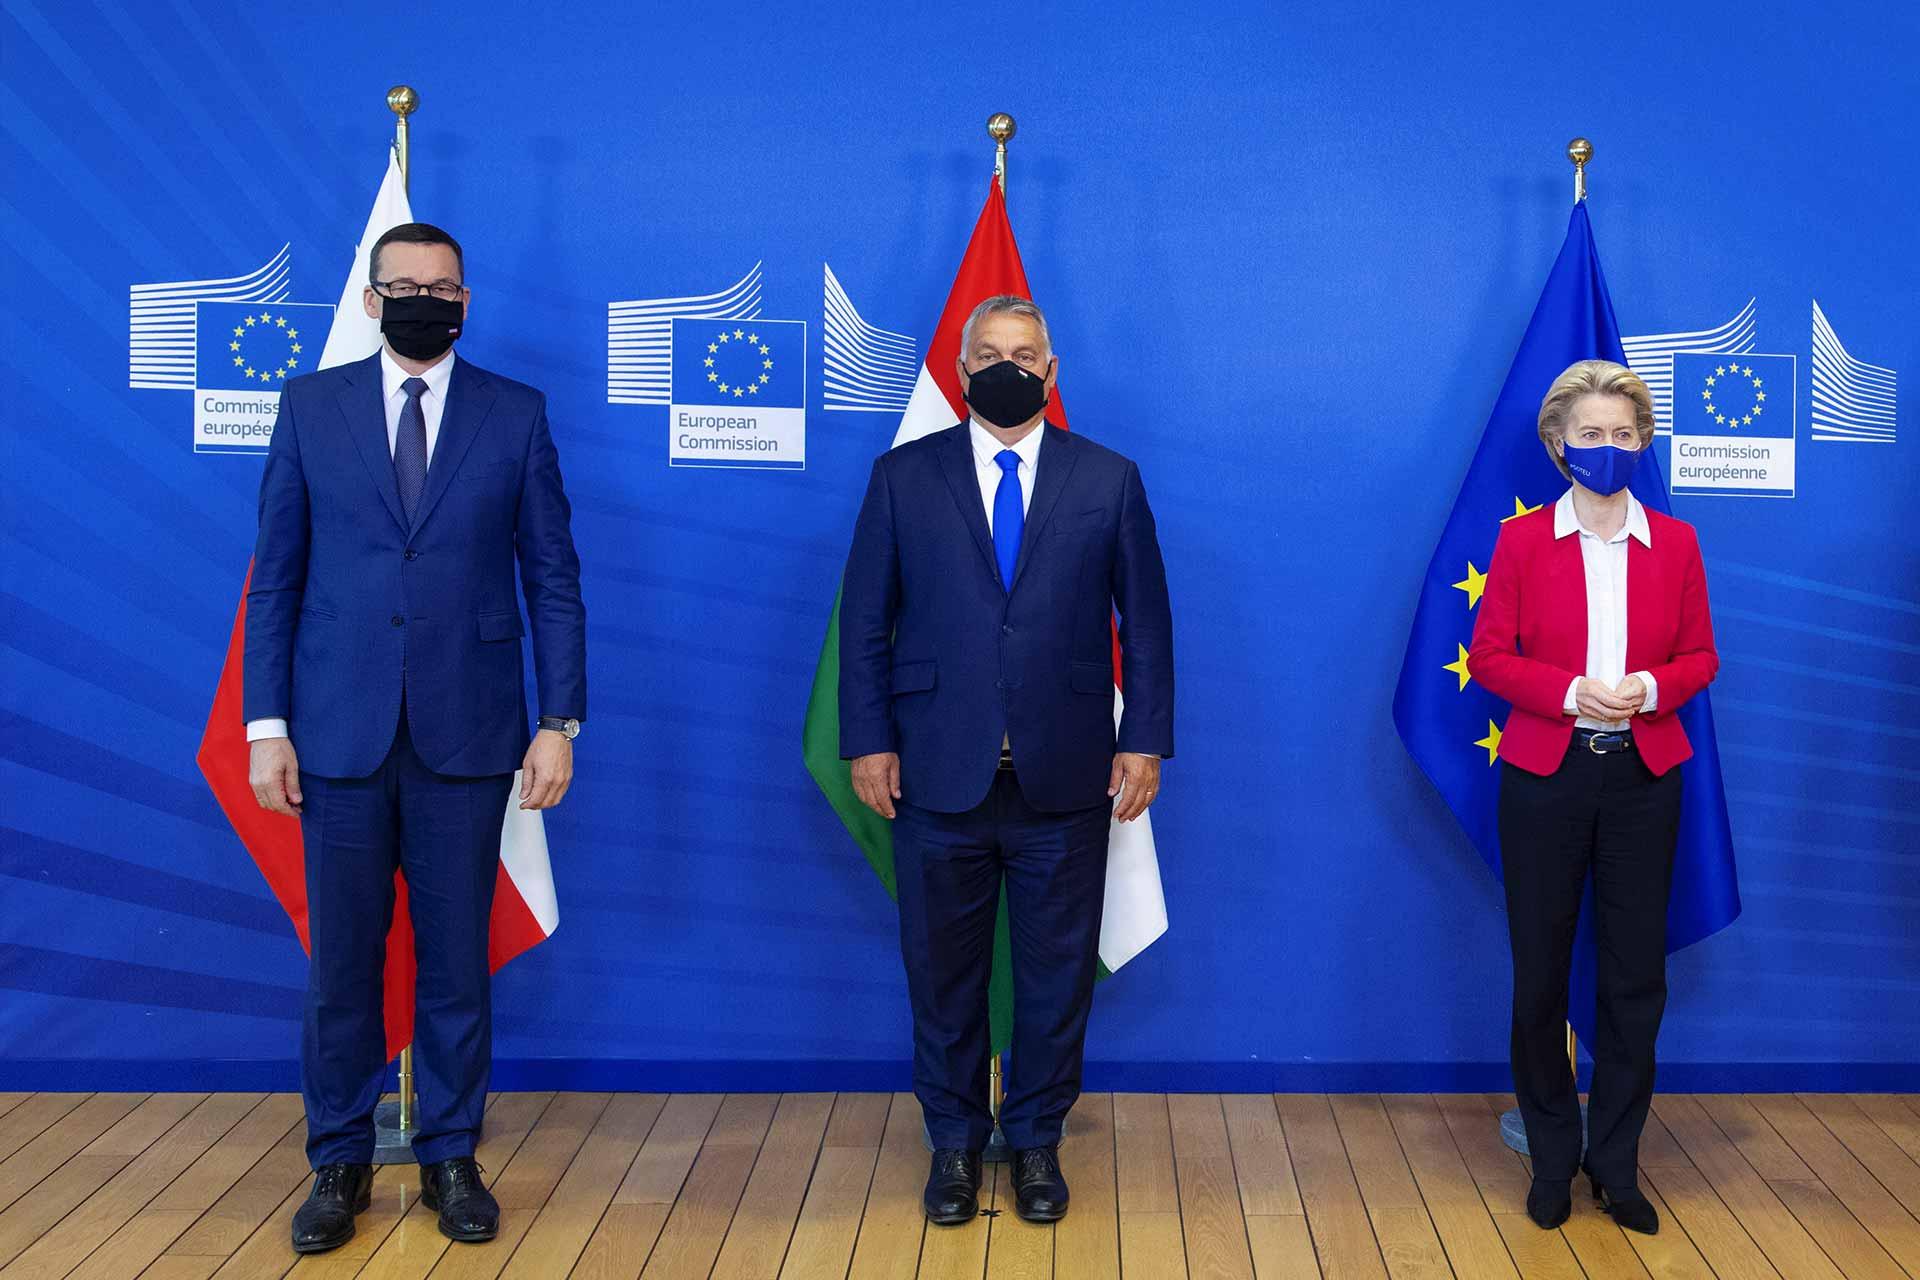 Mateusz Morawiecki, Viktor Orbán, Ursula von der Leyen